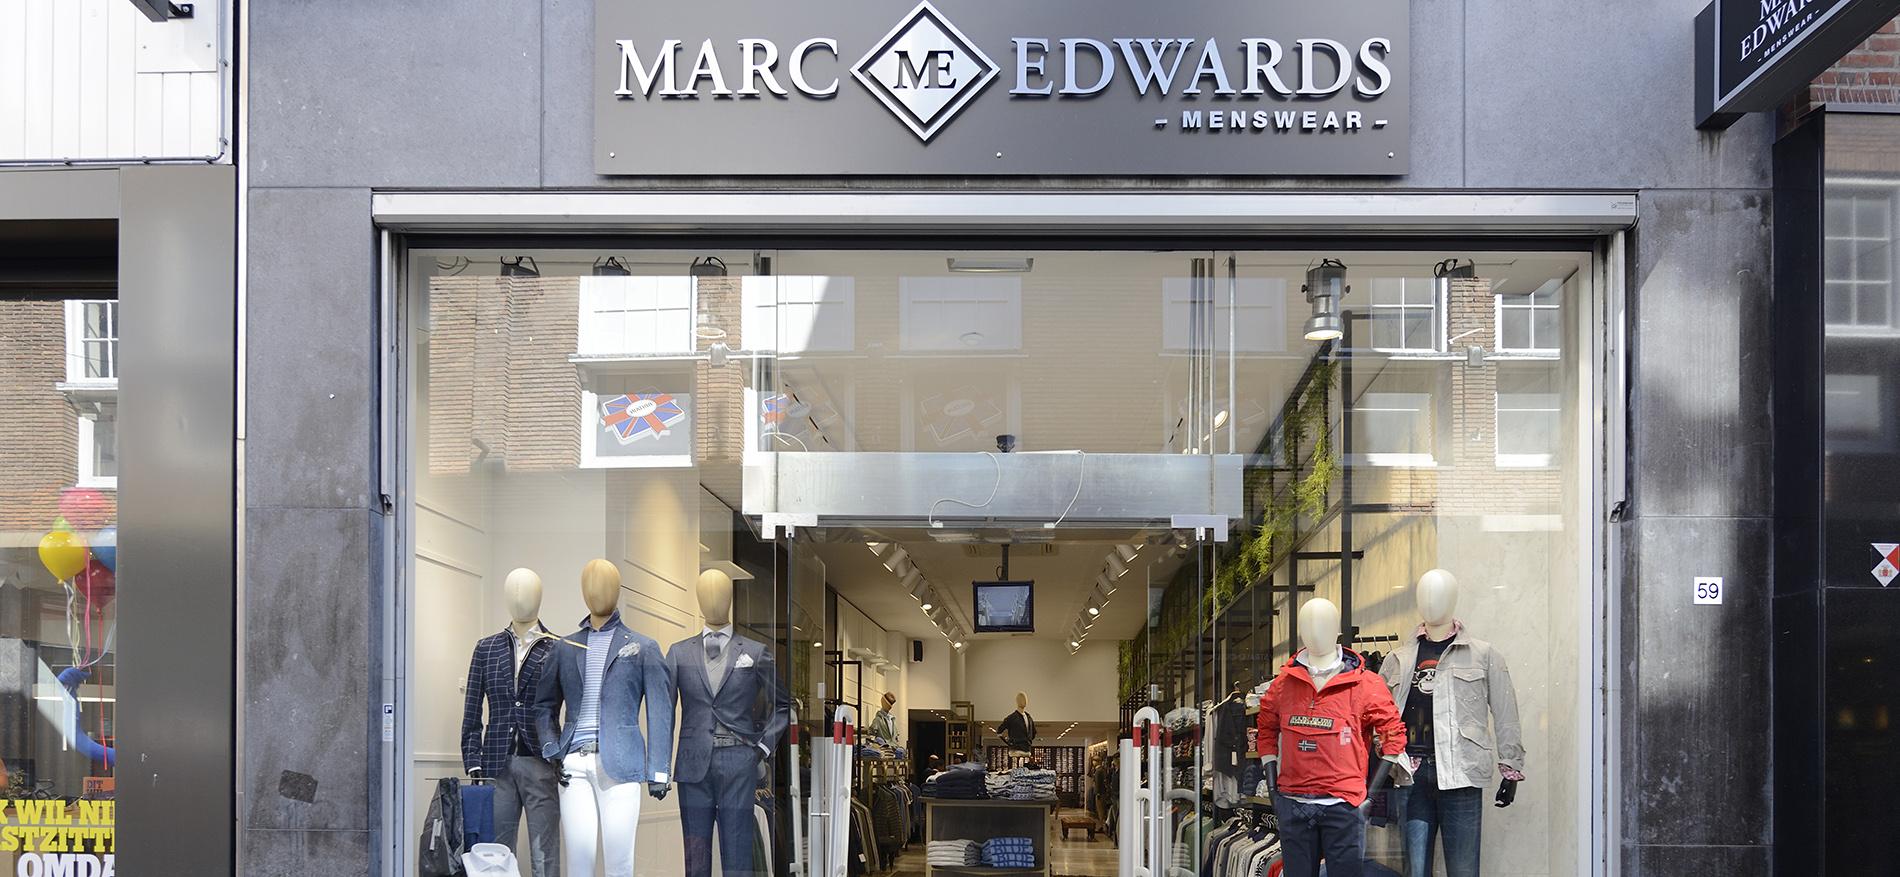 Gründliches Restyling von MarcEdwards Menswear in Haarlem